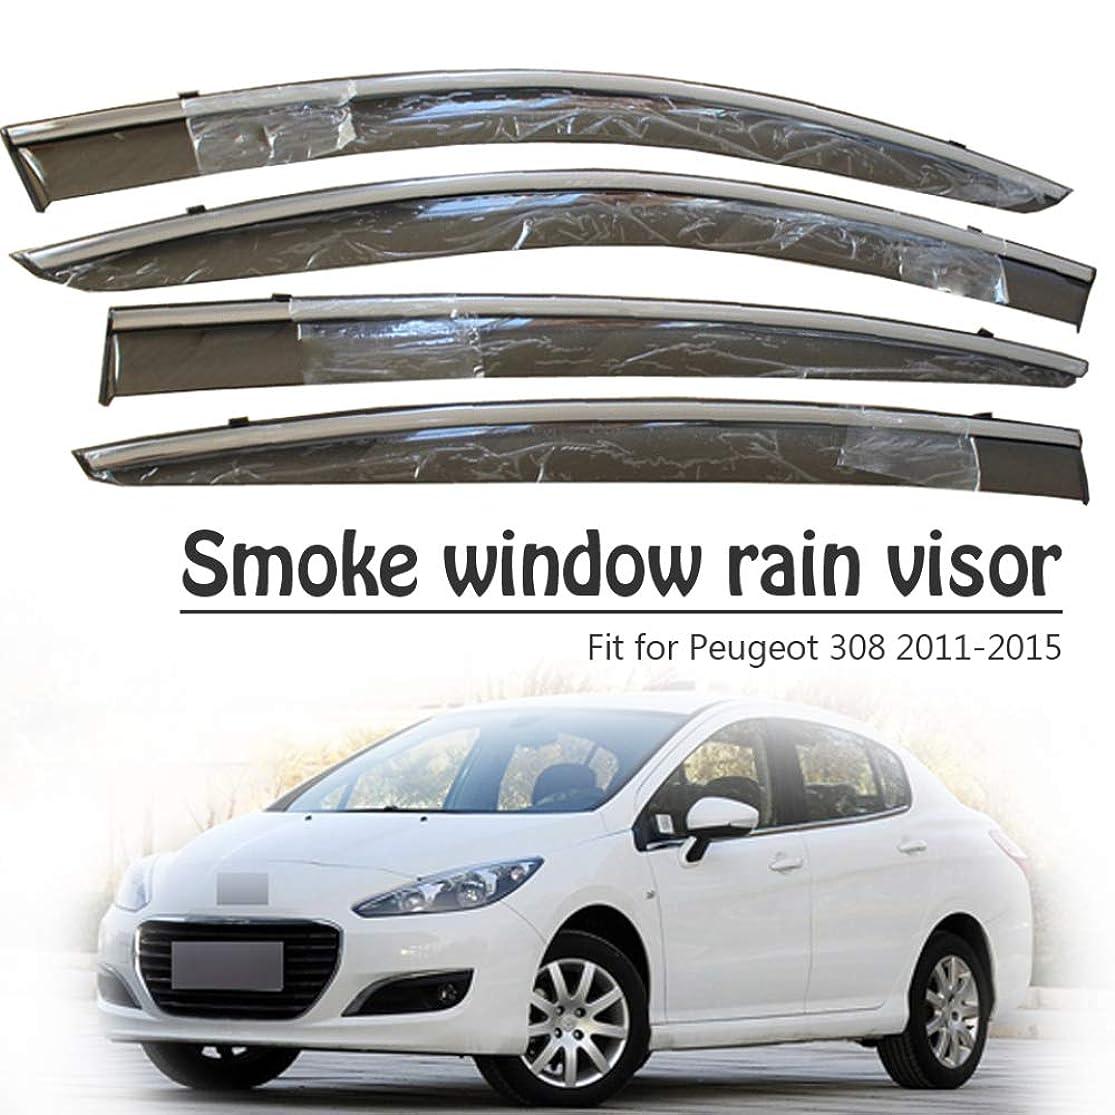 たまに宿題六SENLINSQ 4ピース車の煙窓サンレインバイザーデフレクターガード、プジョー308 2011 2012 2013 2014 2015アクセサリー